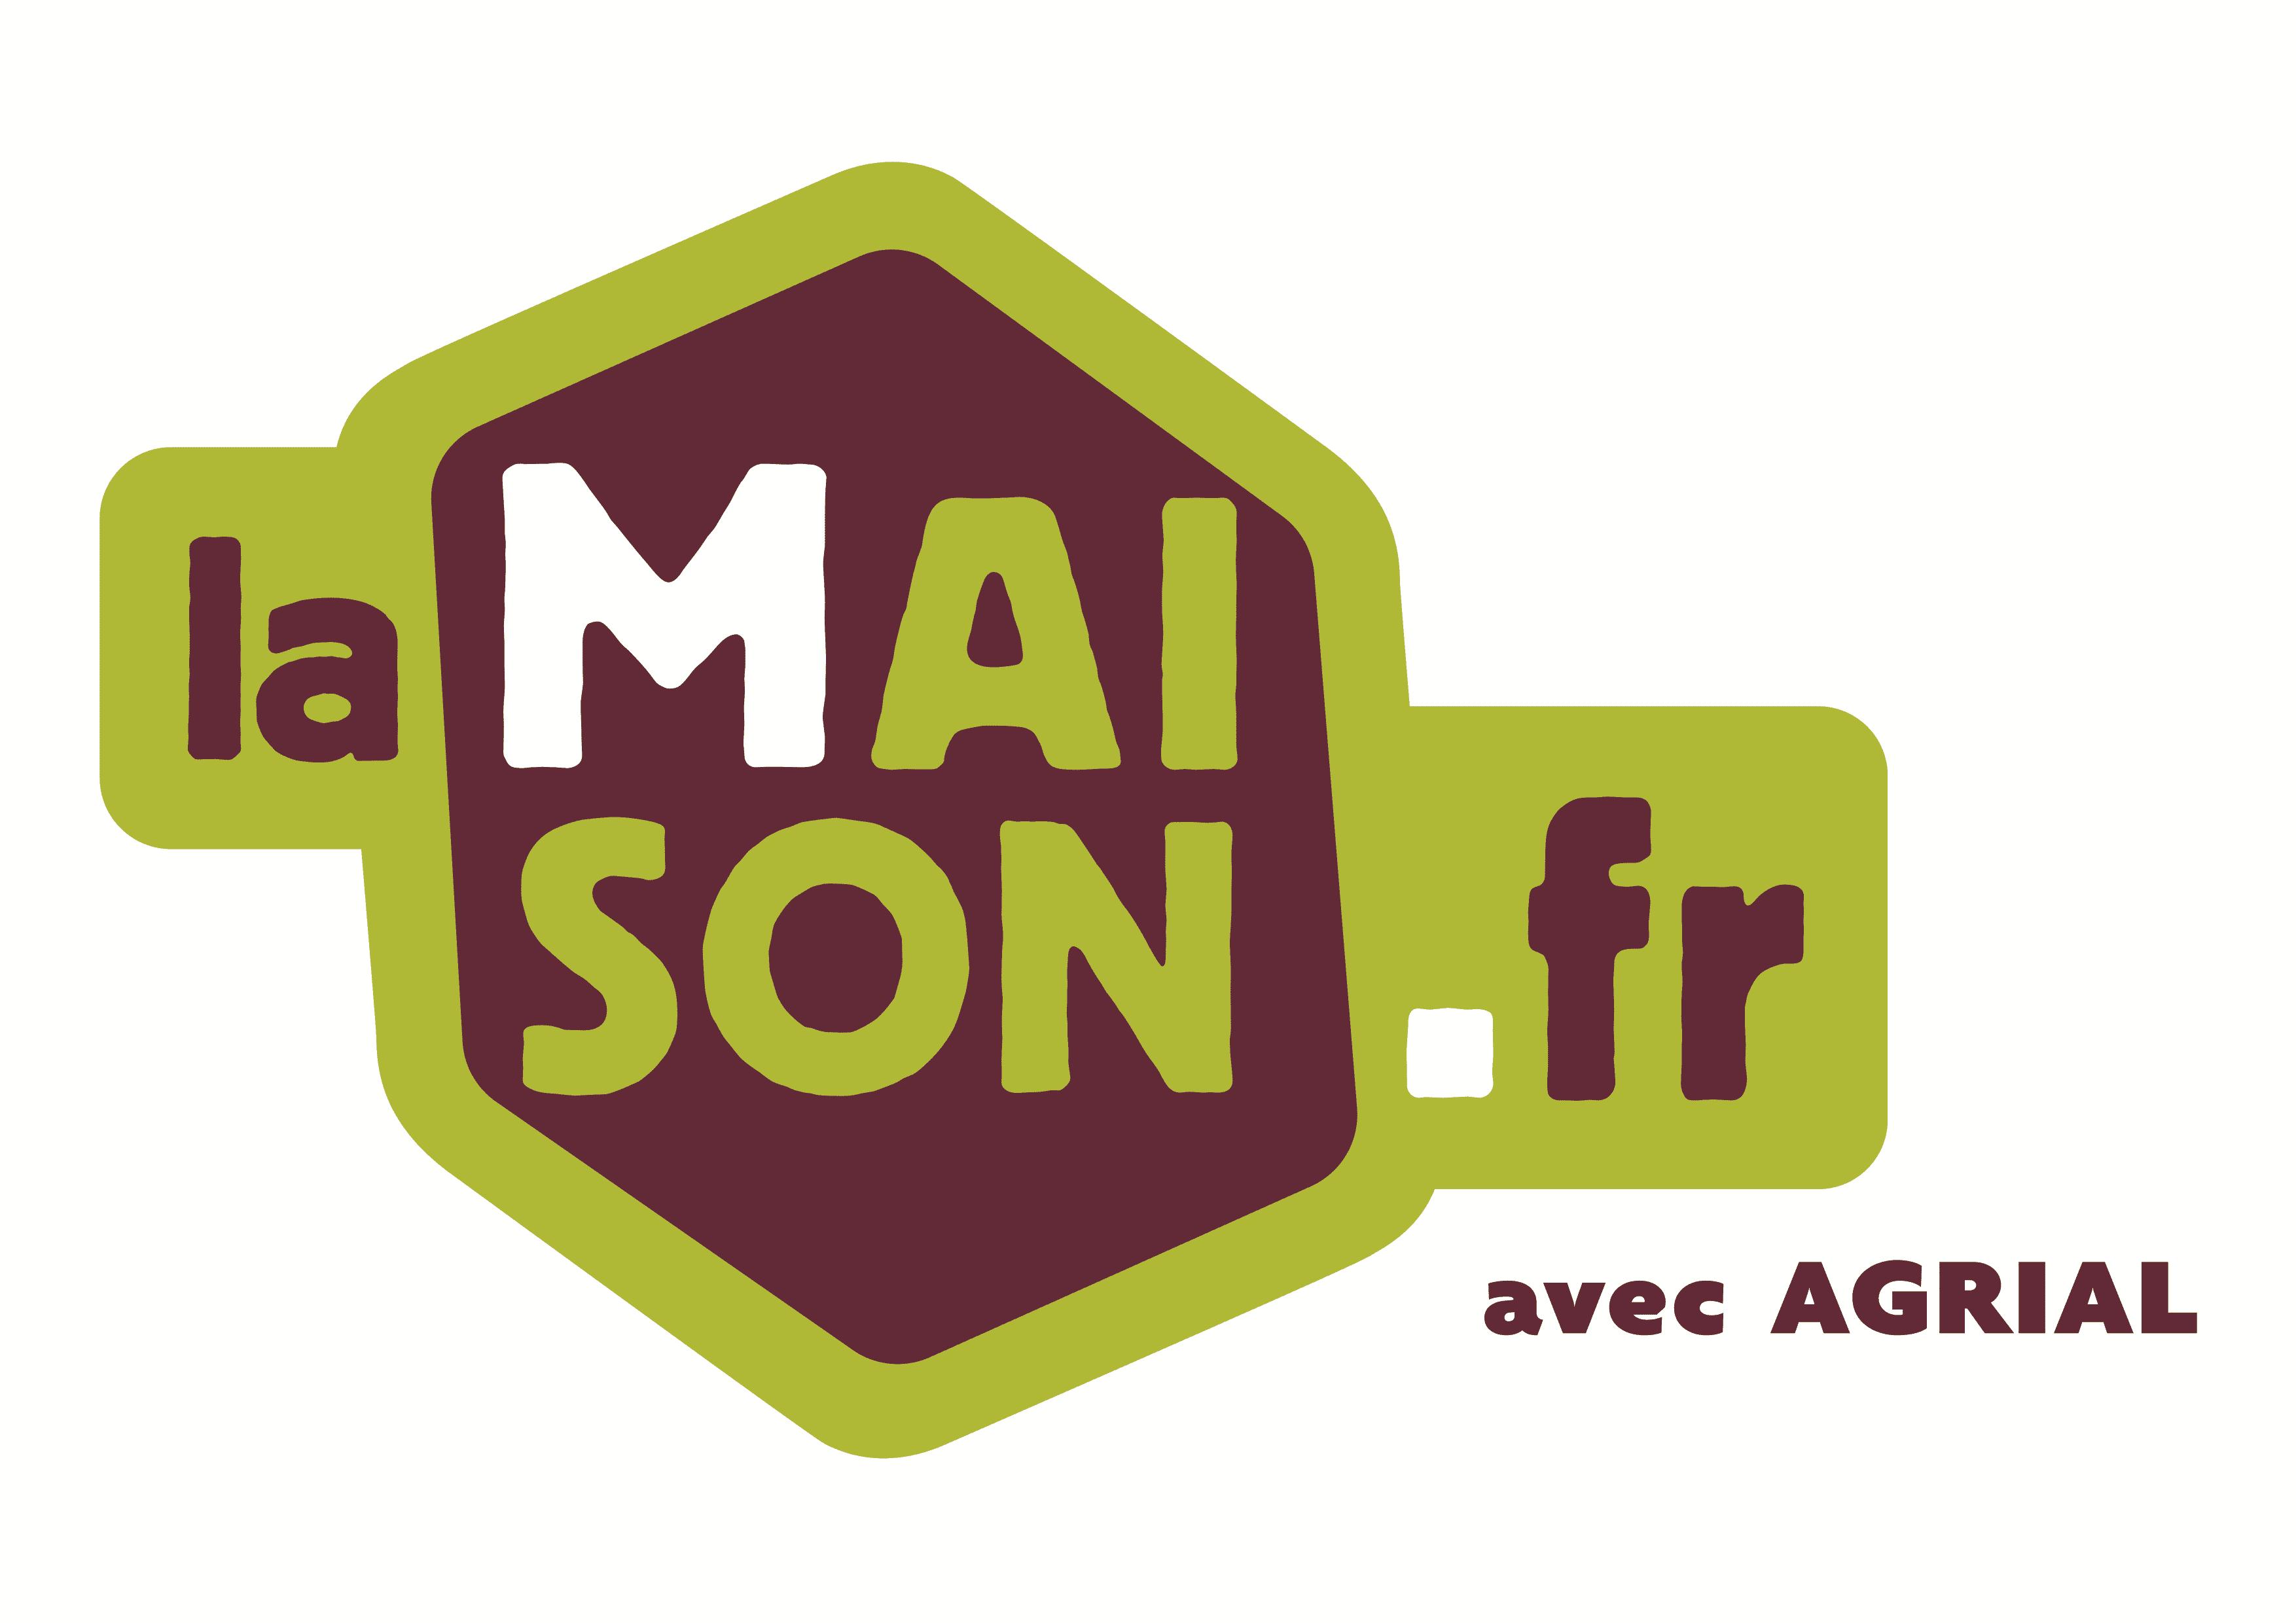 LaMaison.fr